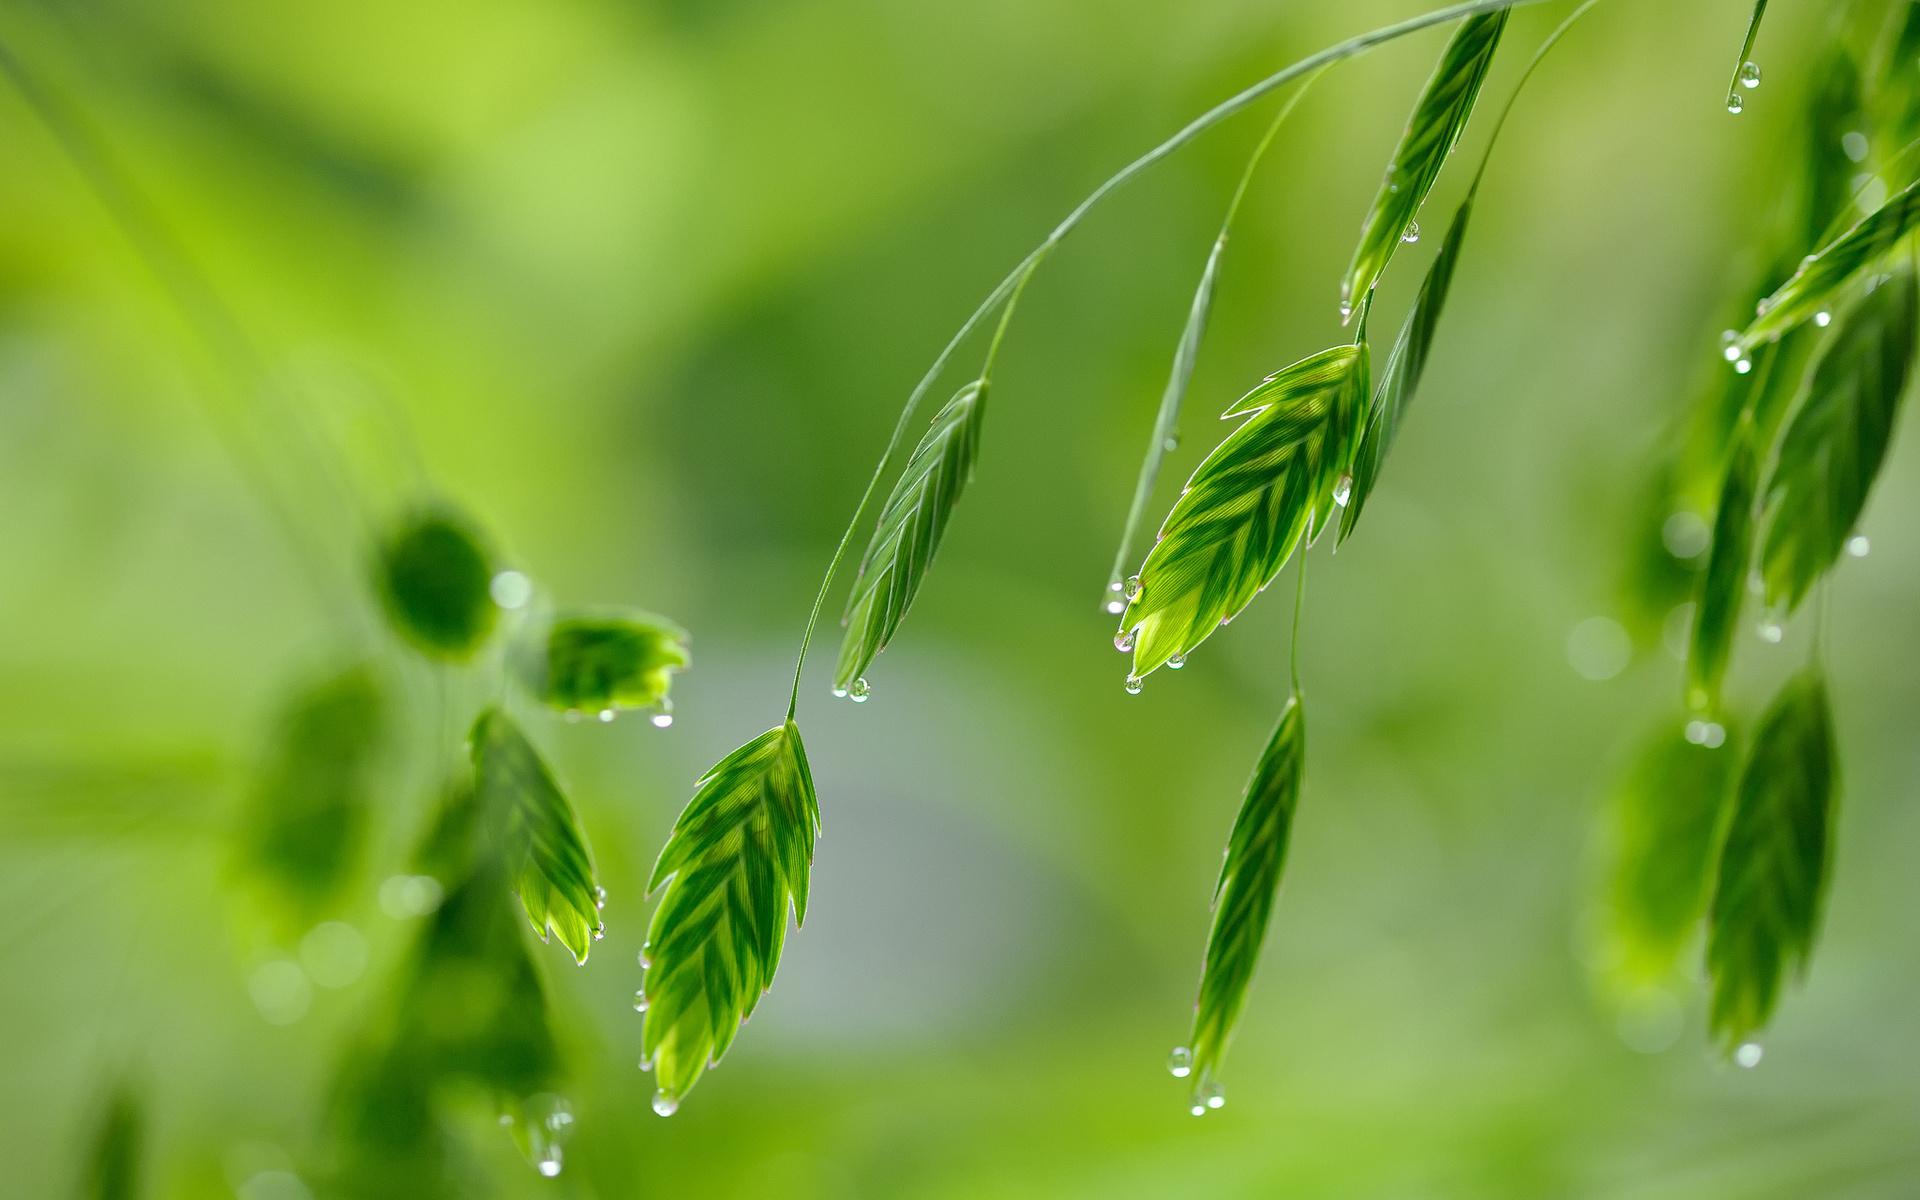 Обои для рабочего стола листья трава